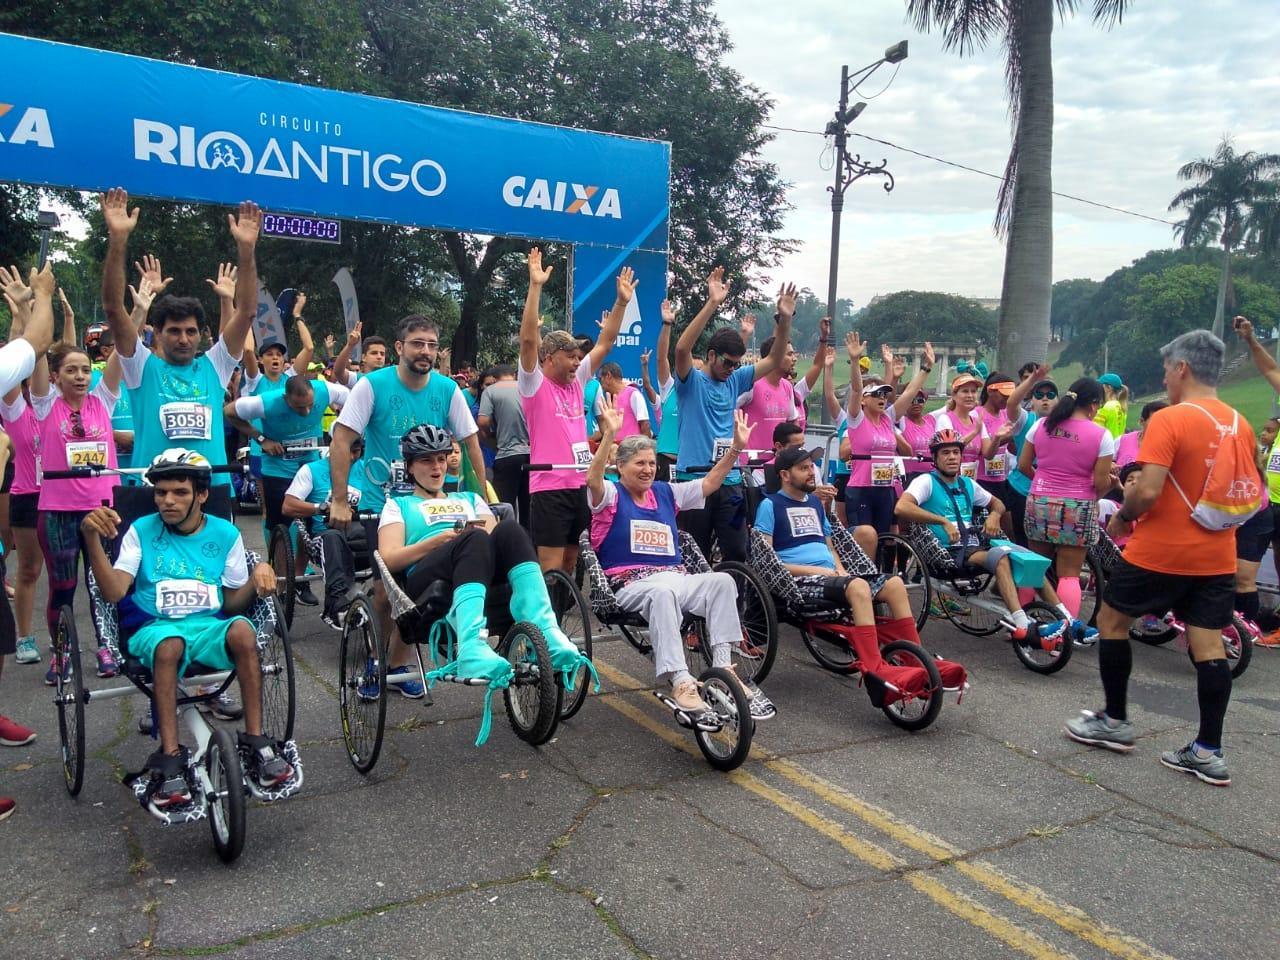 Circuito Rio Antigo : Dia de corrida e solidariedade na quinta da boa vista eu rio!